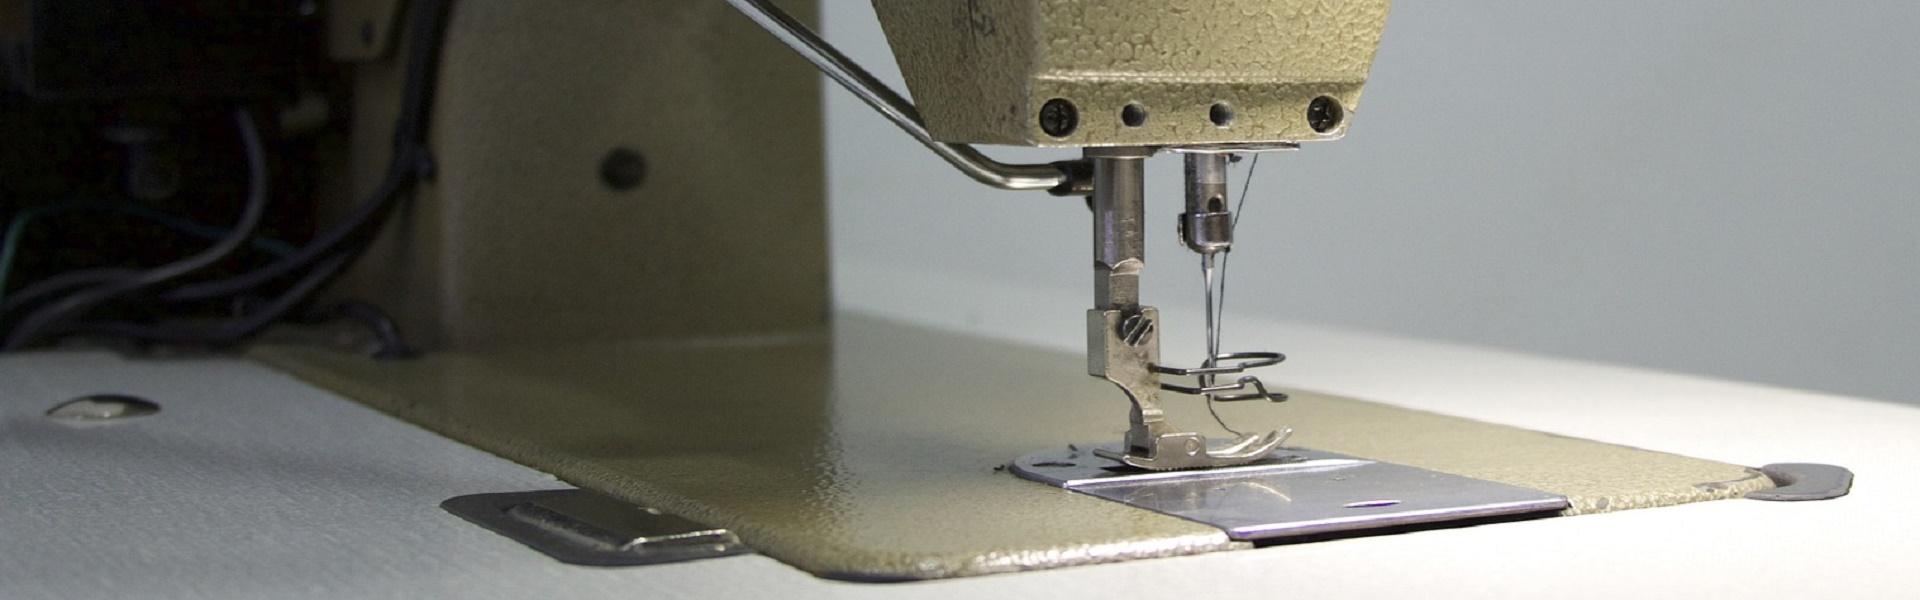 Detail der Nähmaschine